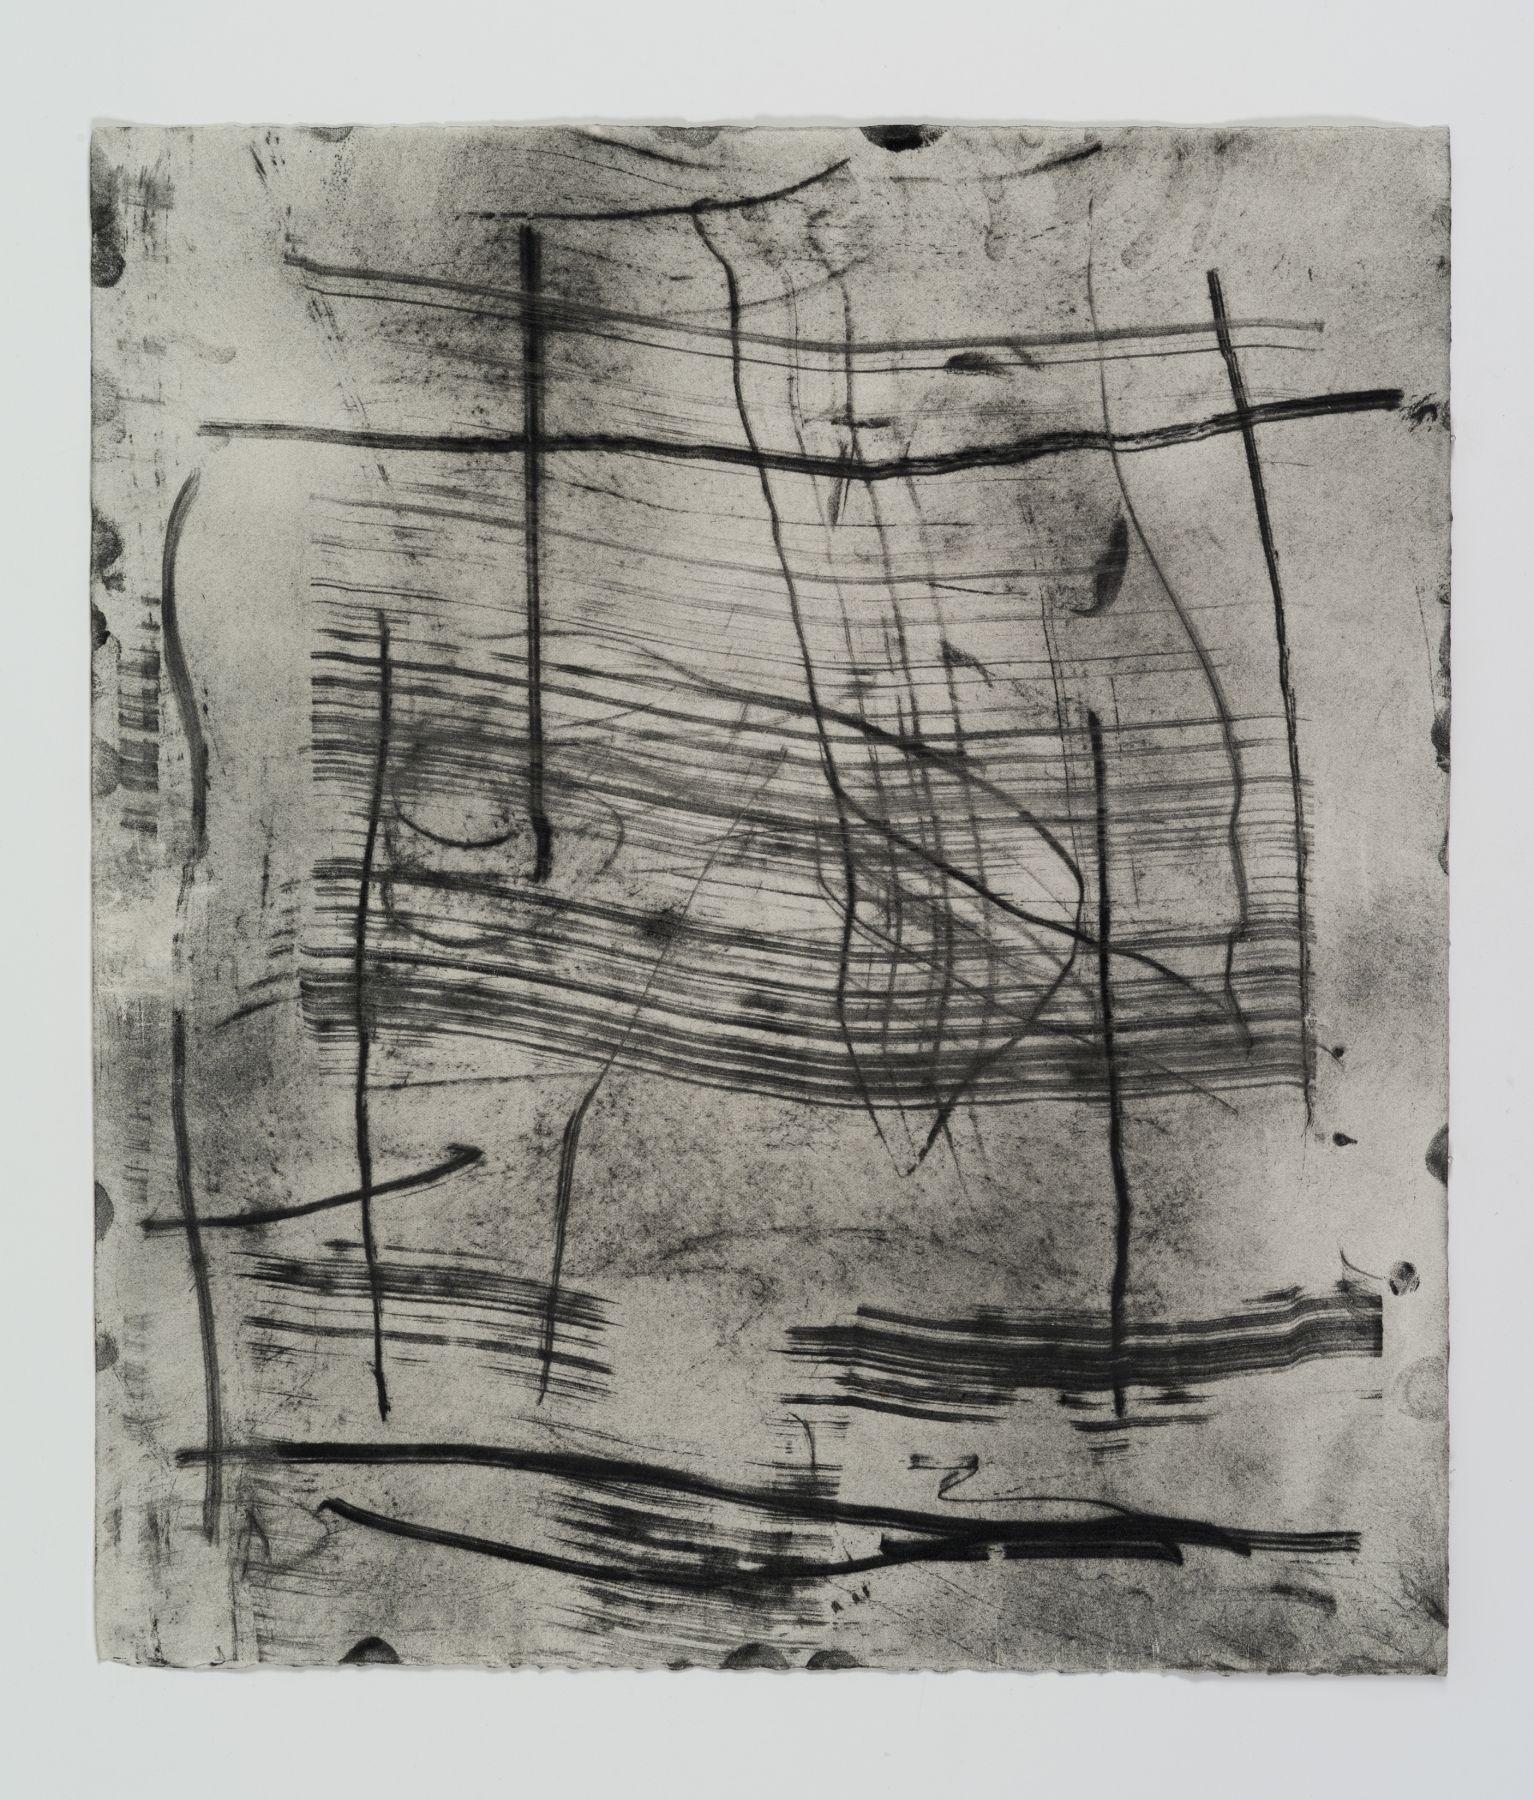 Jack Whitten, Flat Plate Monoprint #3, 1974